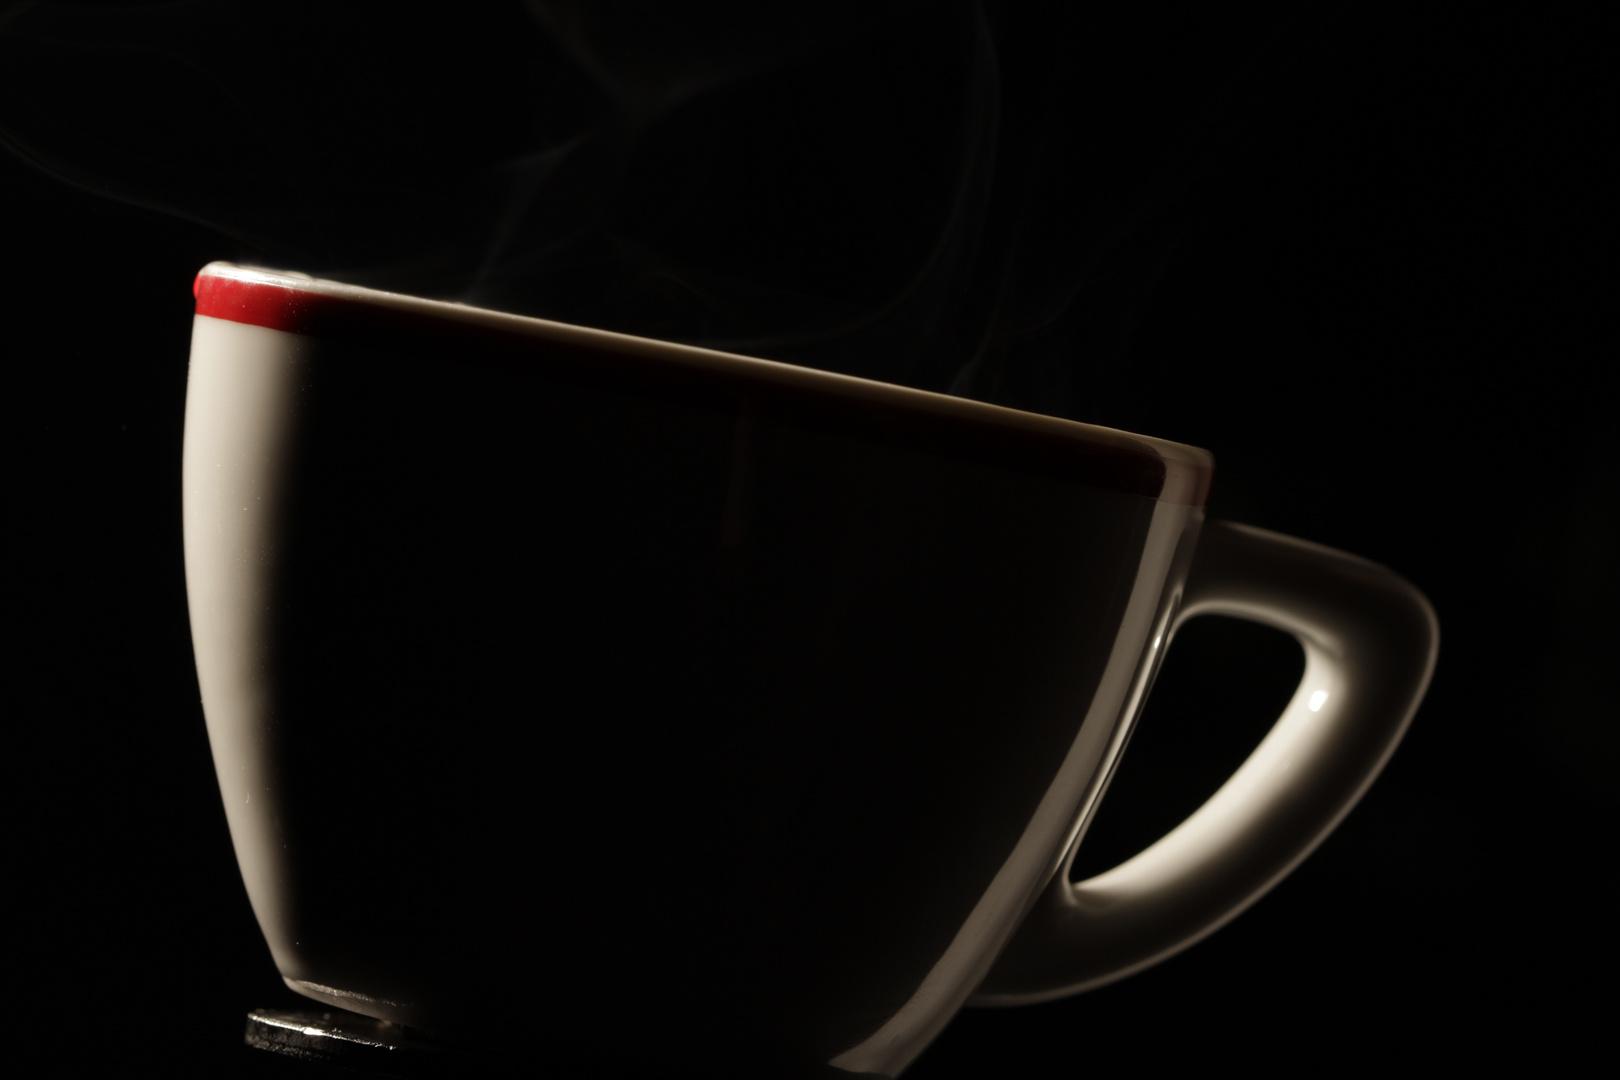 kaffeetasse foto bild stillleben fotos leise bilder auf fotocommunity. Black Bedroom Furniture Sets. Home Design Ideas